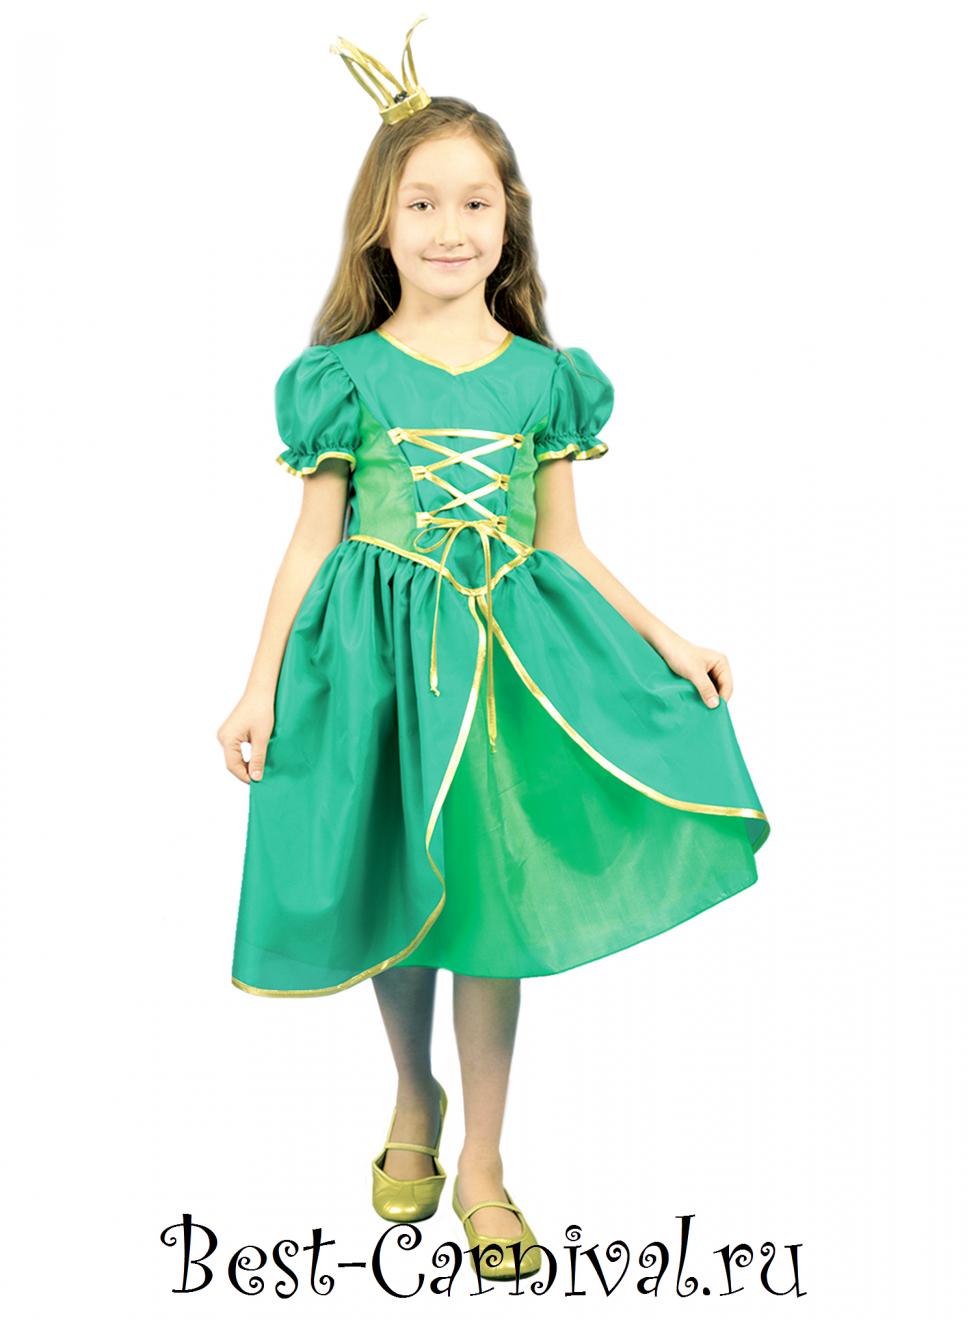 Костюм детский Царевна-лягушка | Карнавальные костюмы - photo#21